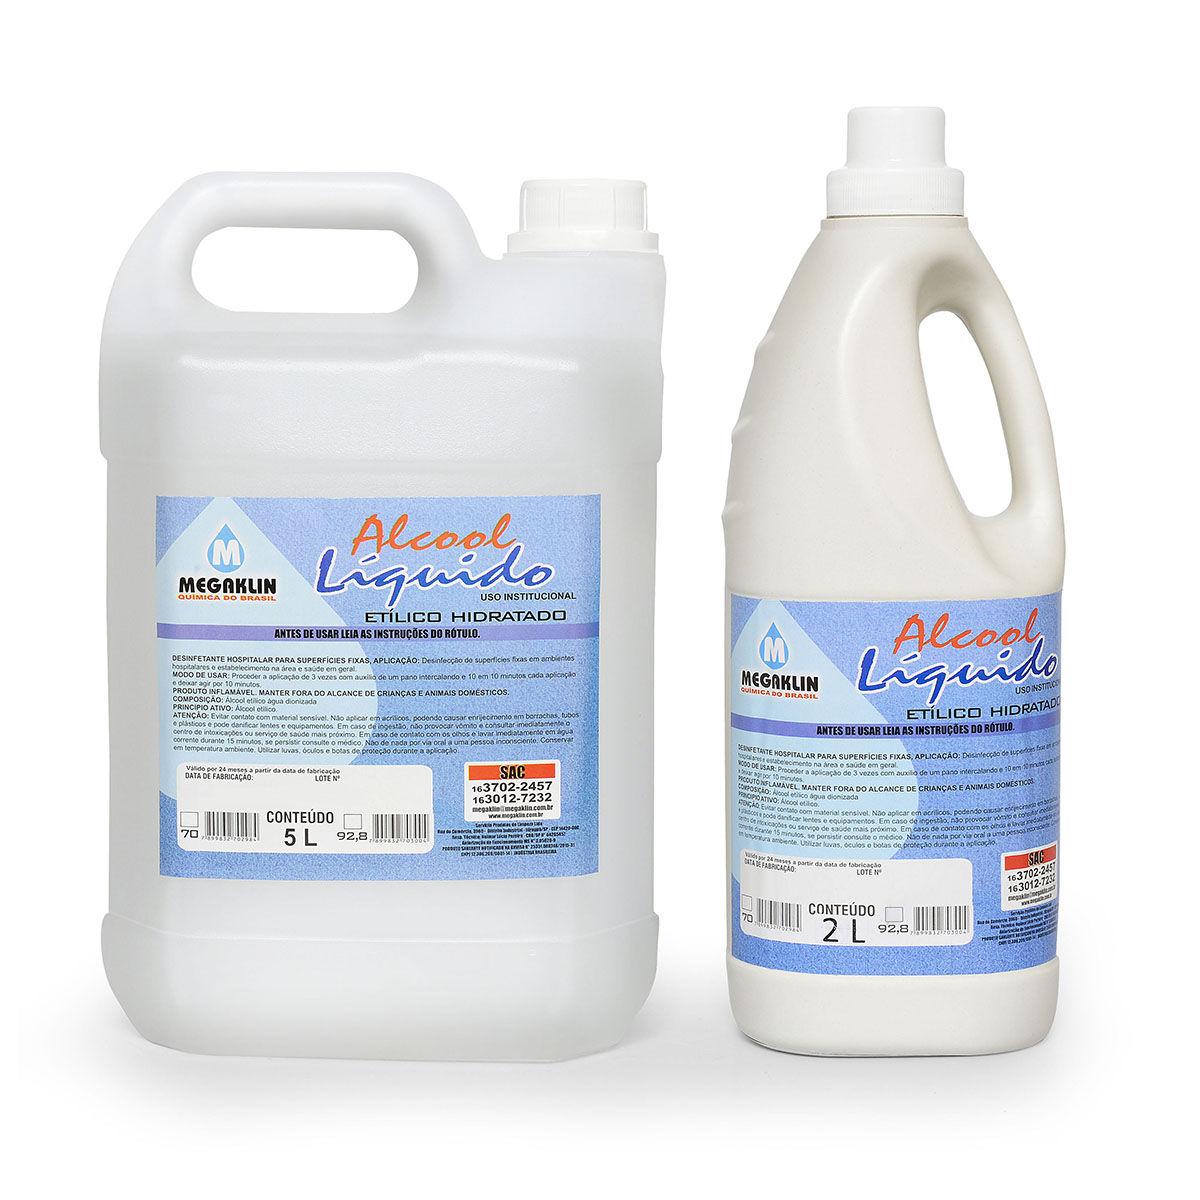 Álcool Líquido Etílico Hidratado para Uso institucional Megaklin